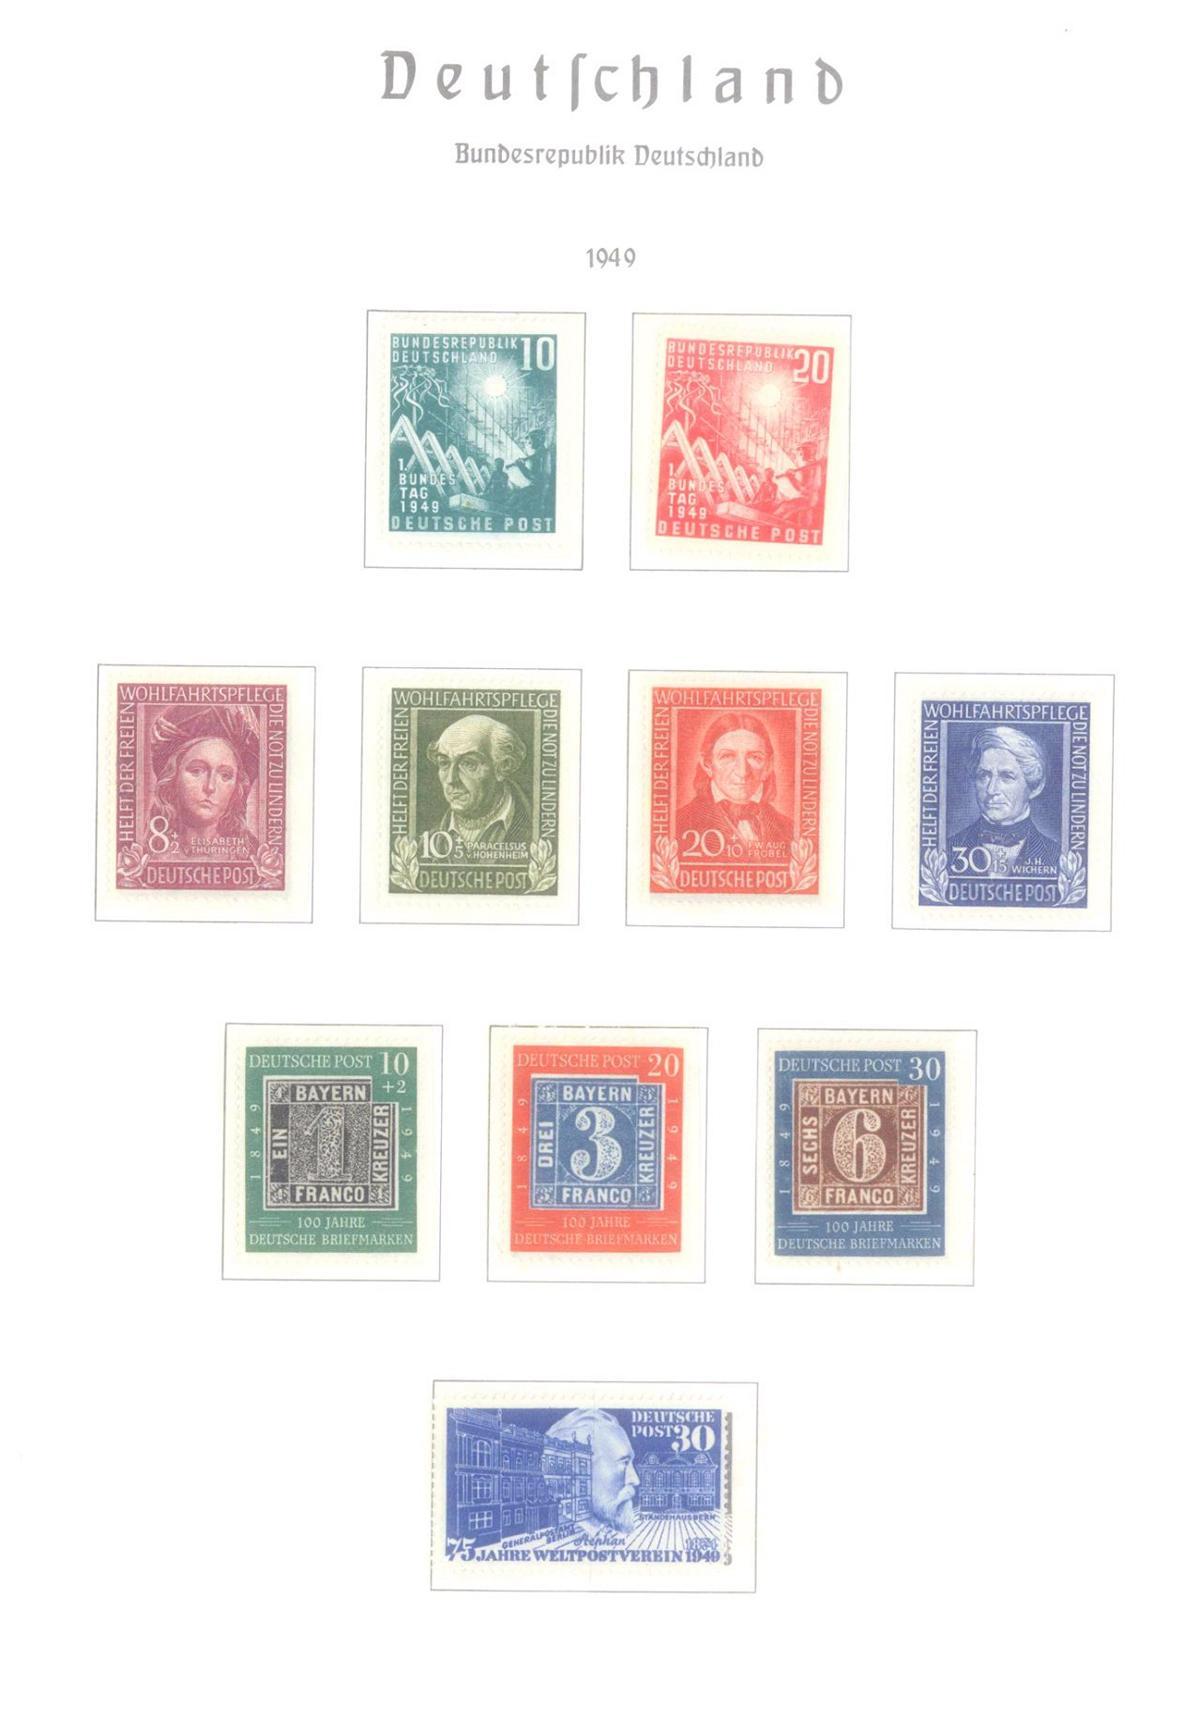 Bundesrepublik Deutschland 1949-1990-2